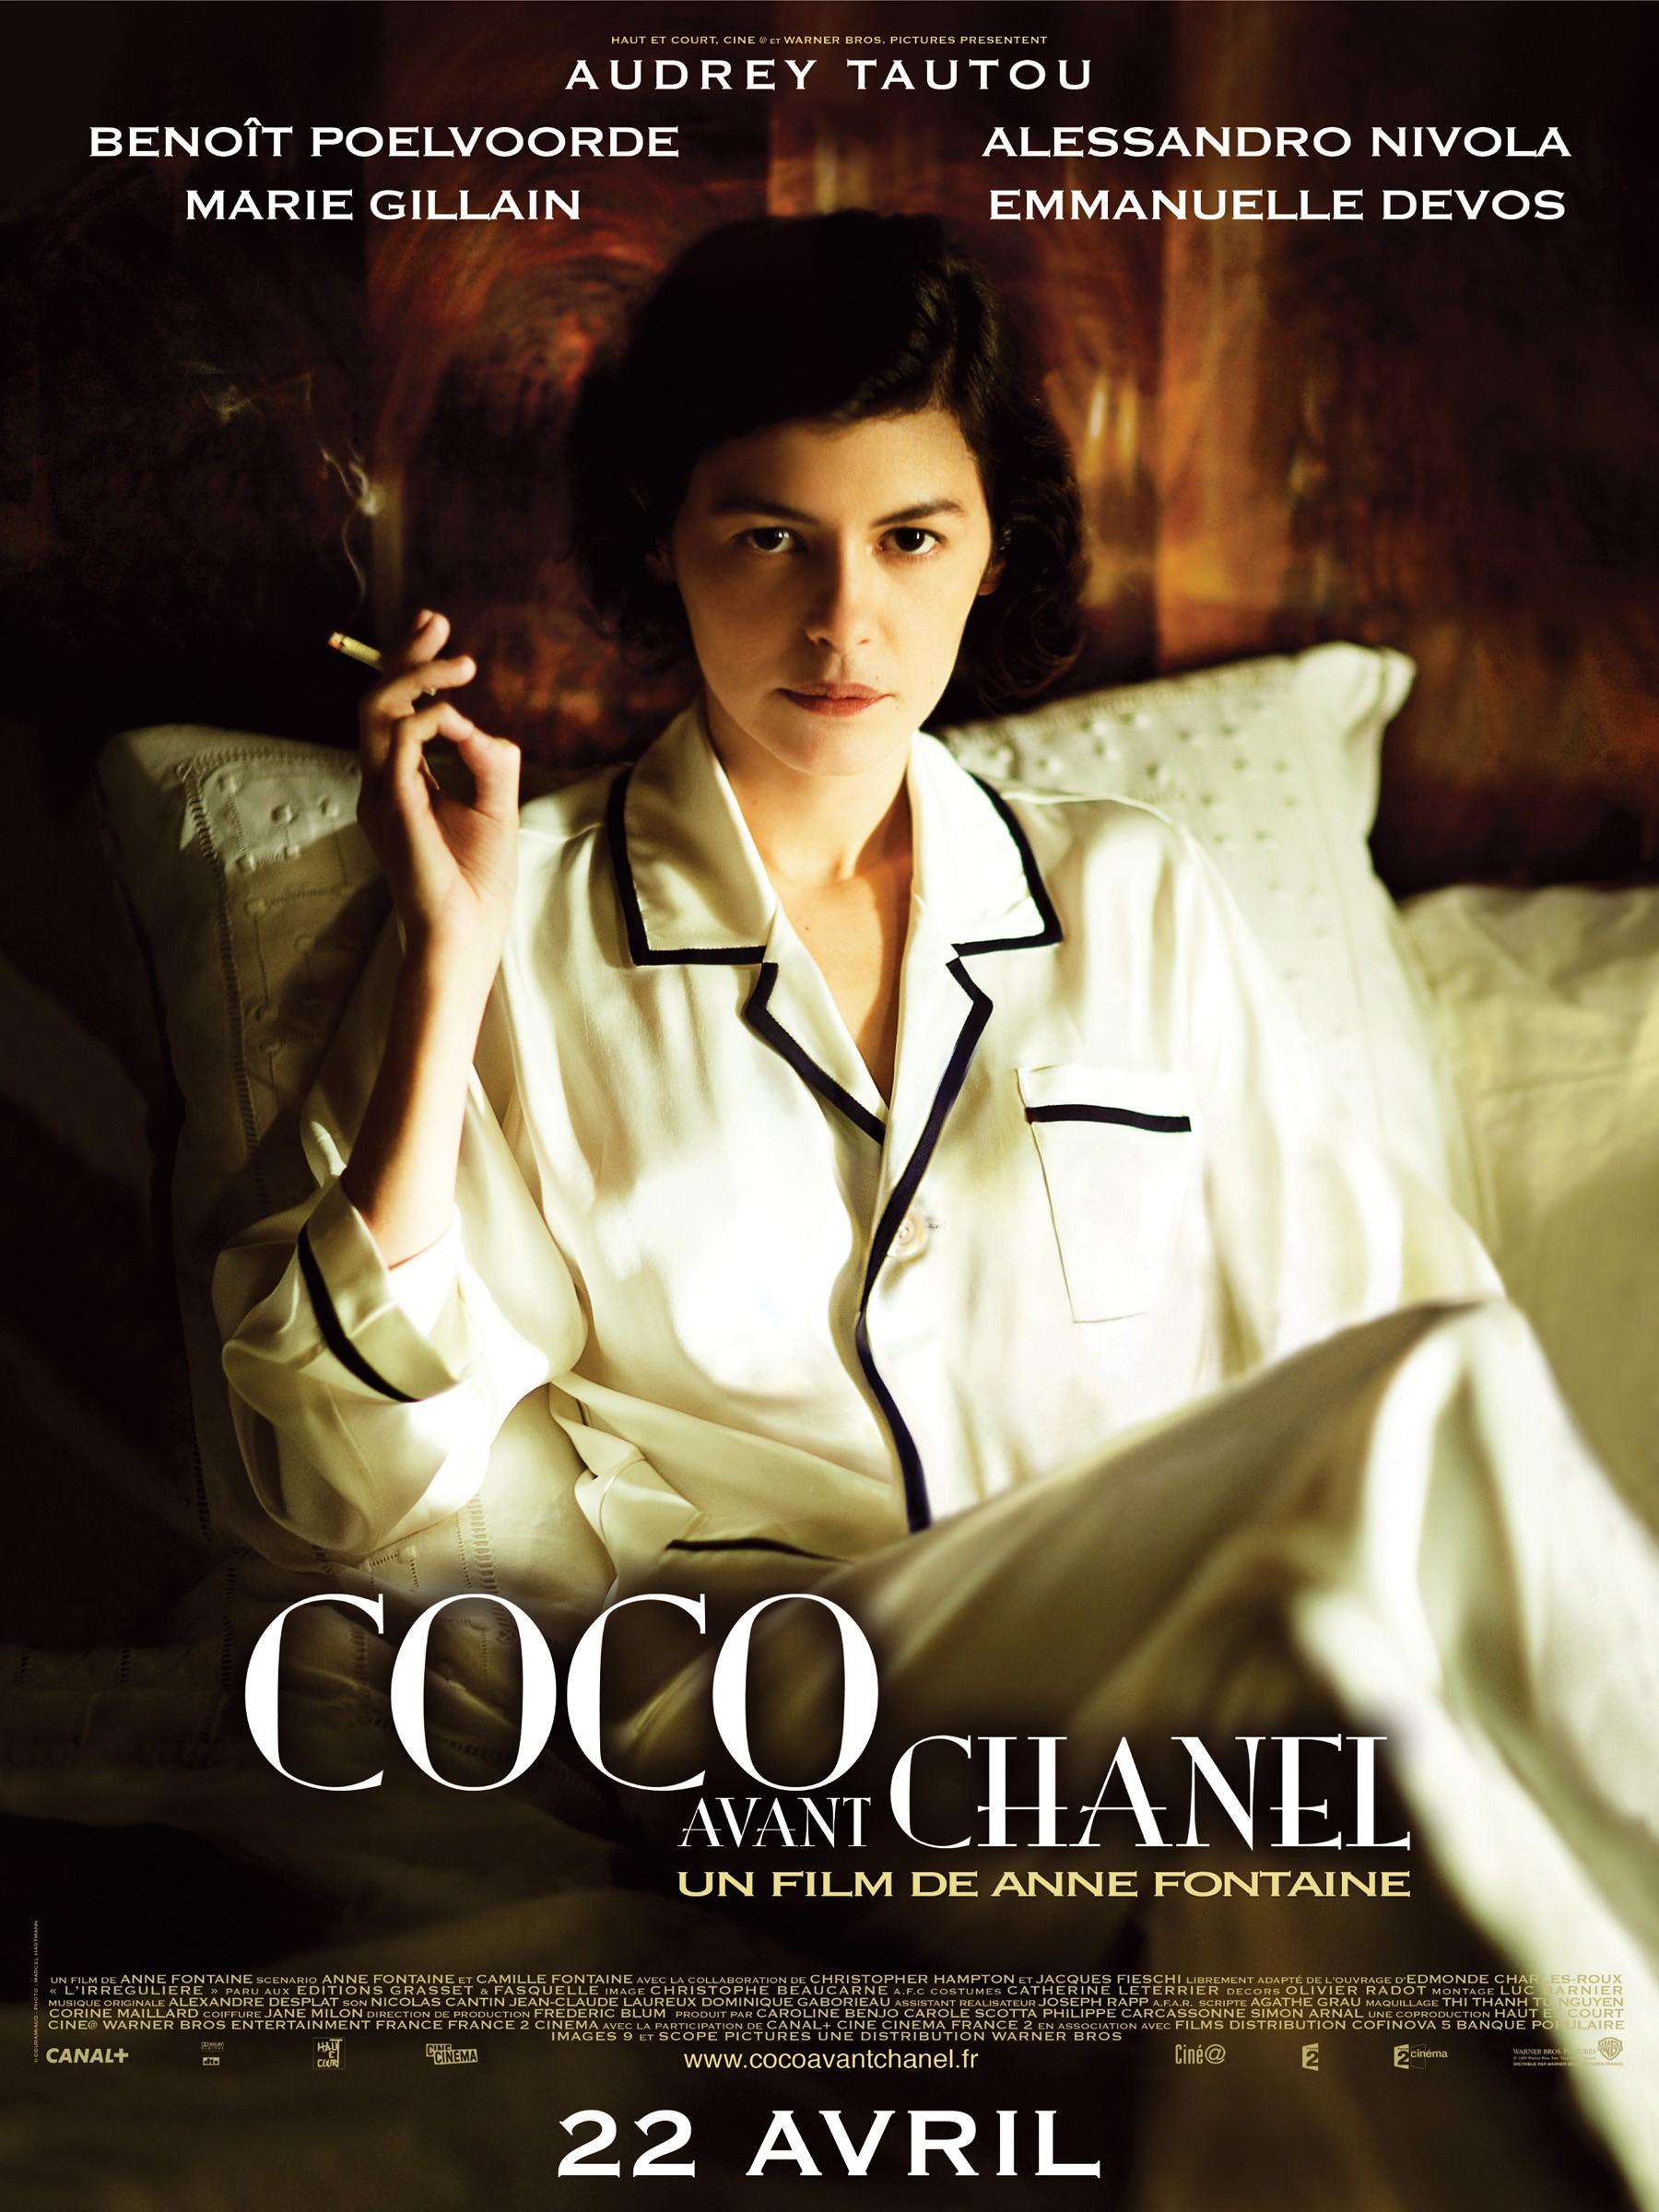 affiche du film Coco avant Chanel